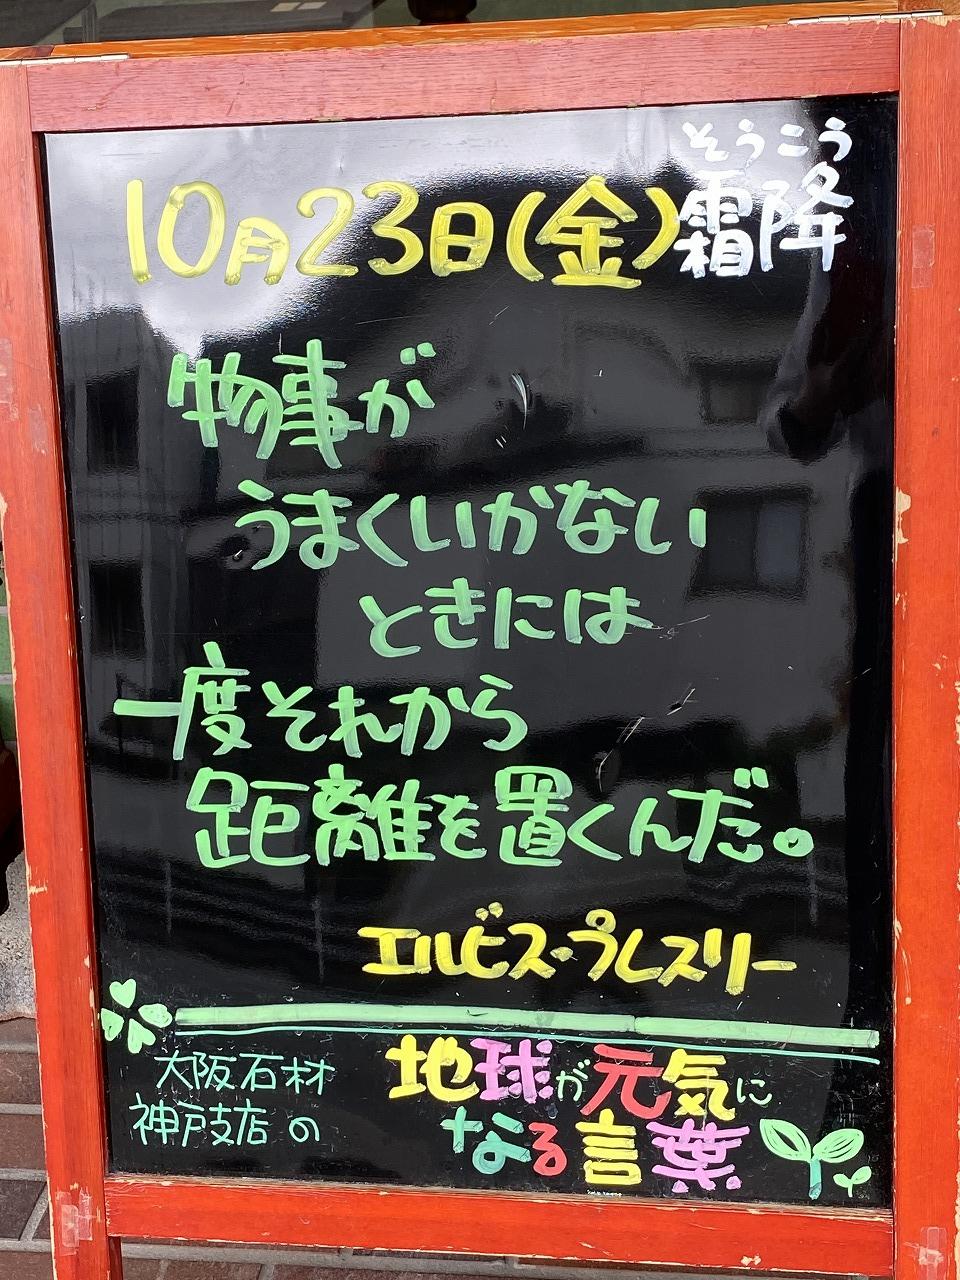 神戸の墓石店「地球が元気になる言葉」の写真 2020年10月23日